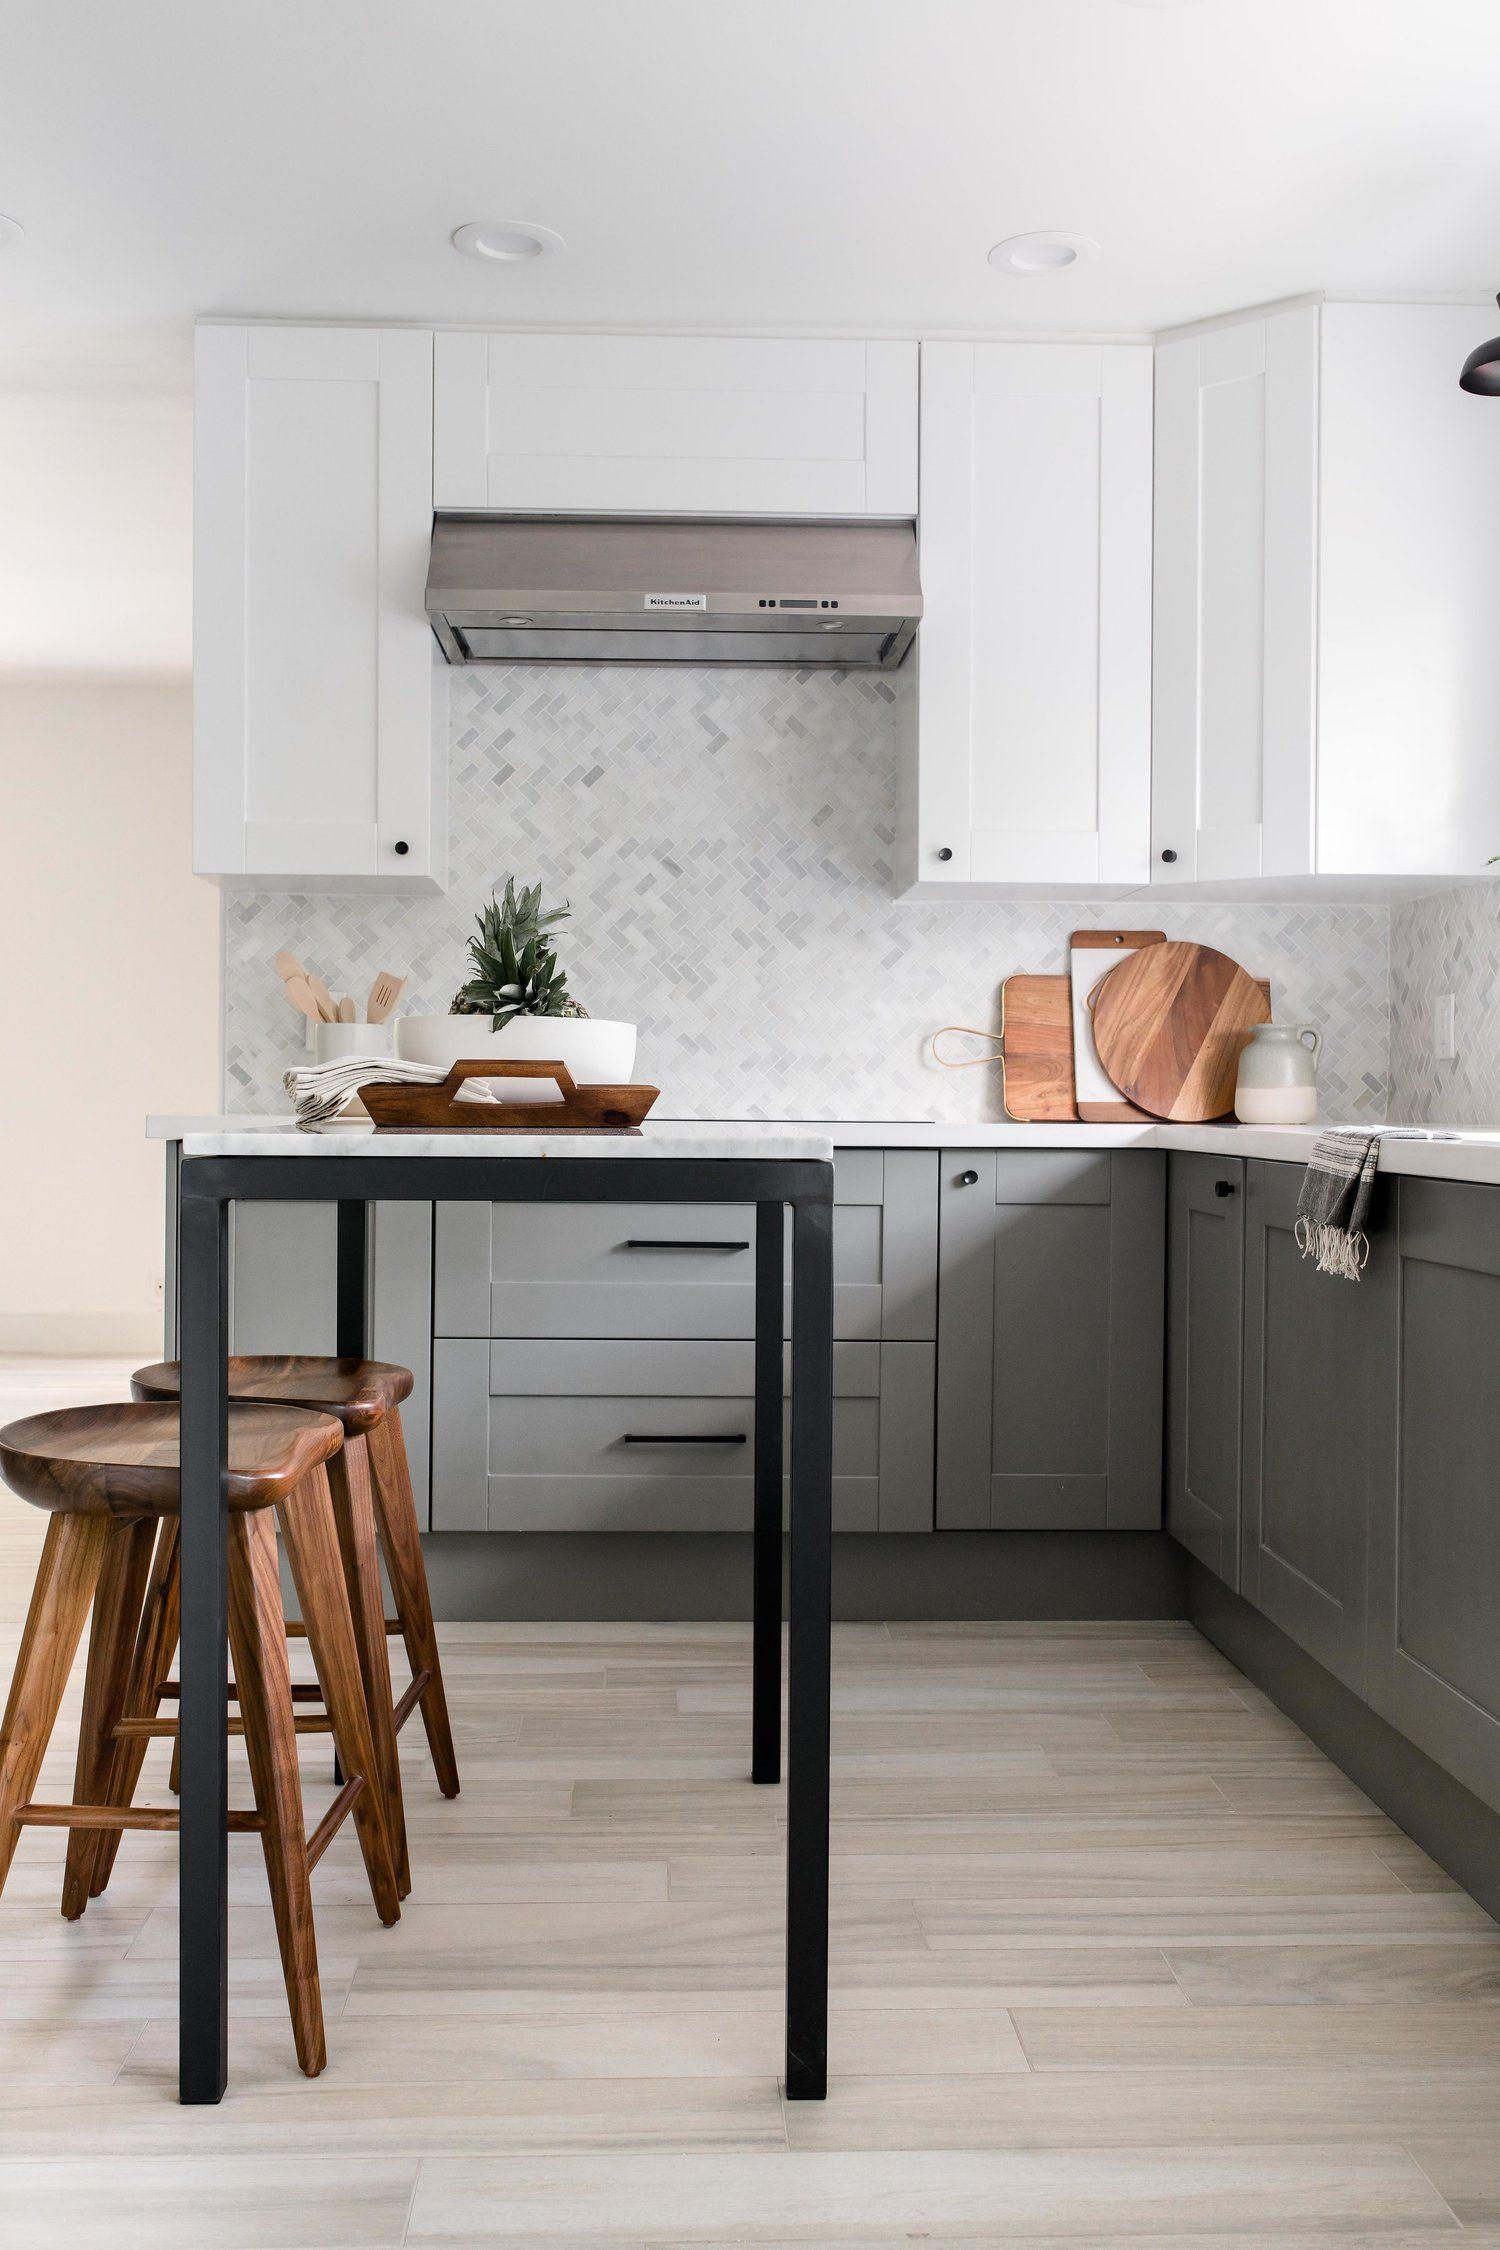 Modern Grey Kitchen White Upper Cabinets Marble Backsplash The Habitat Collective P Modern Grey Kitchen Residential Interior Design Interior Design Firms